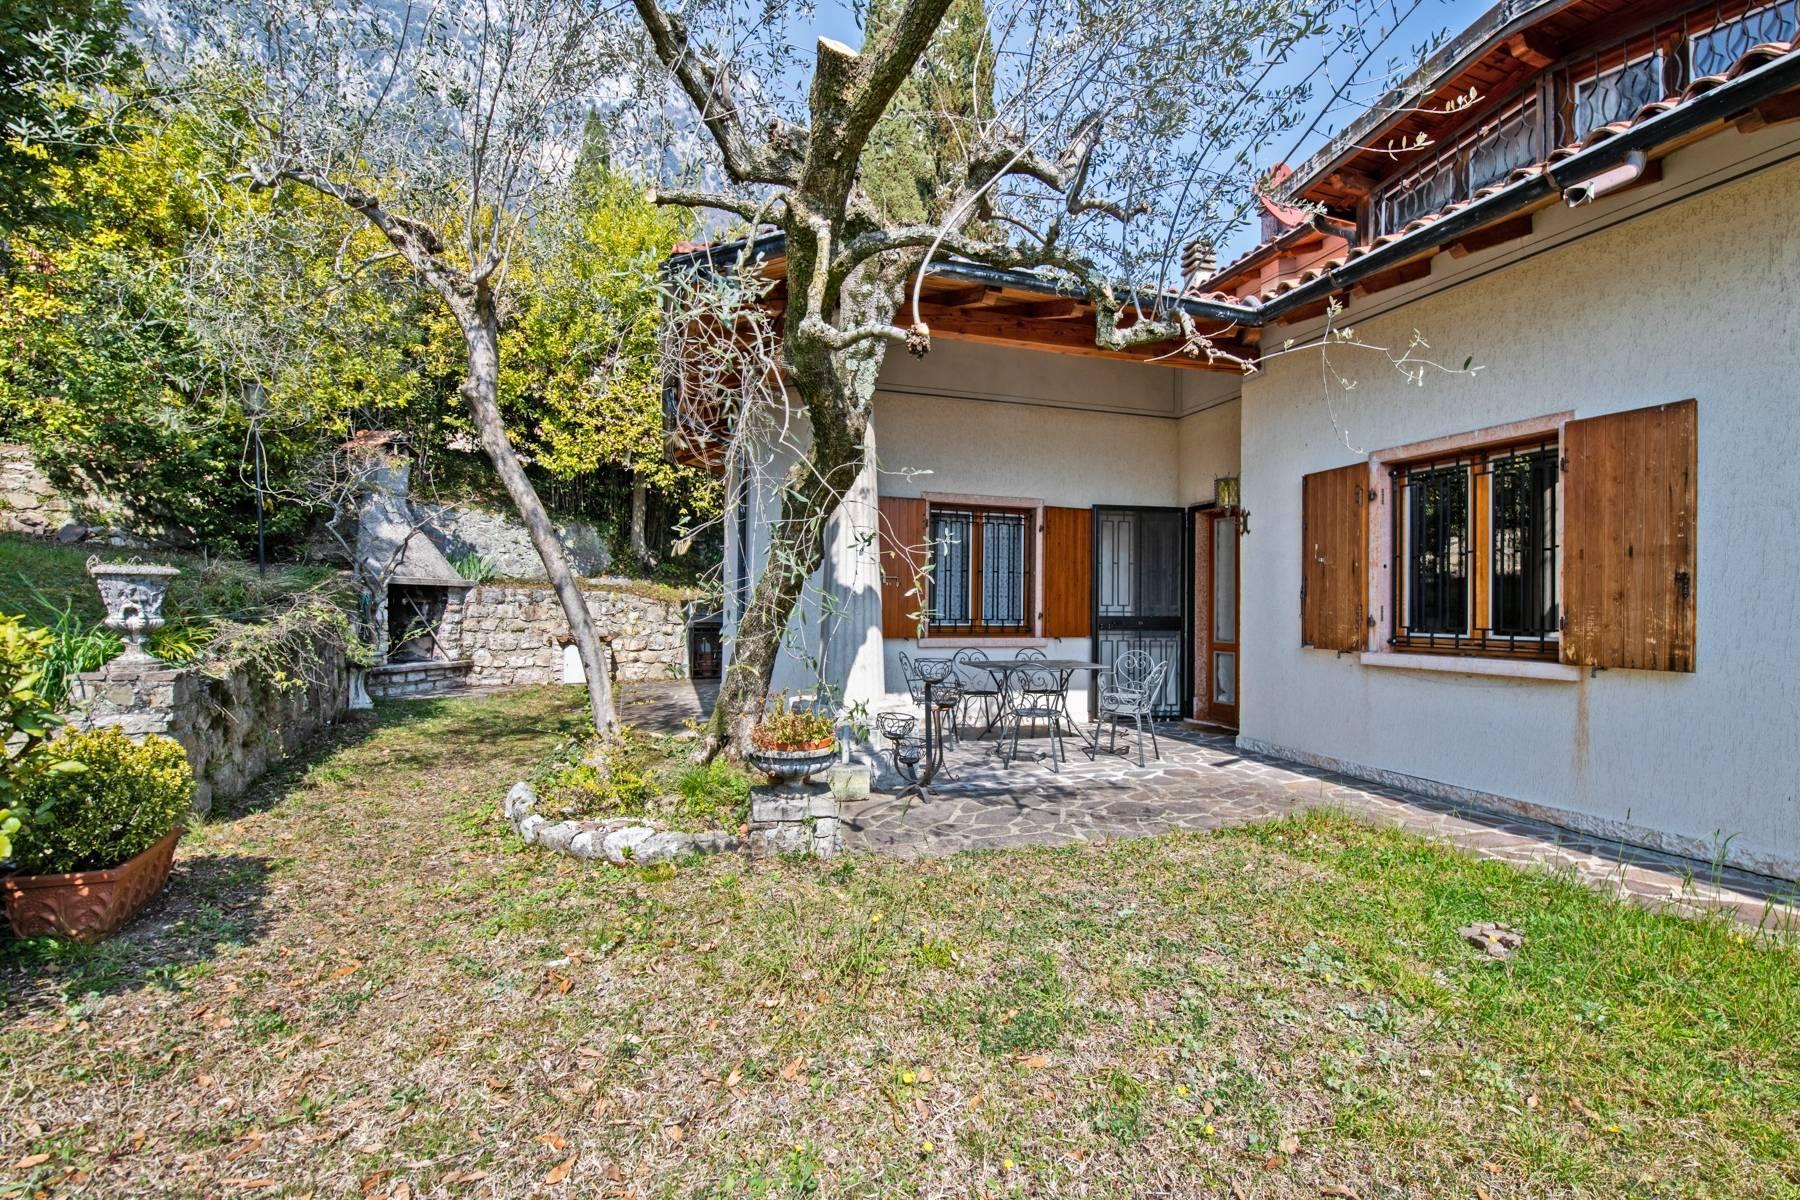 Villa in Gargnano inmitten der Olivenbäume vom Gardasee mit herrlichem Seeblick - 31